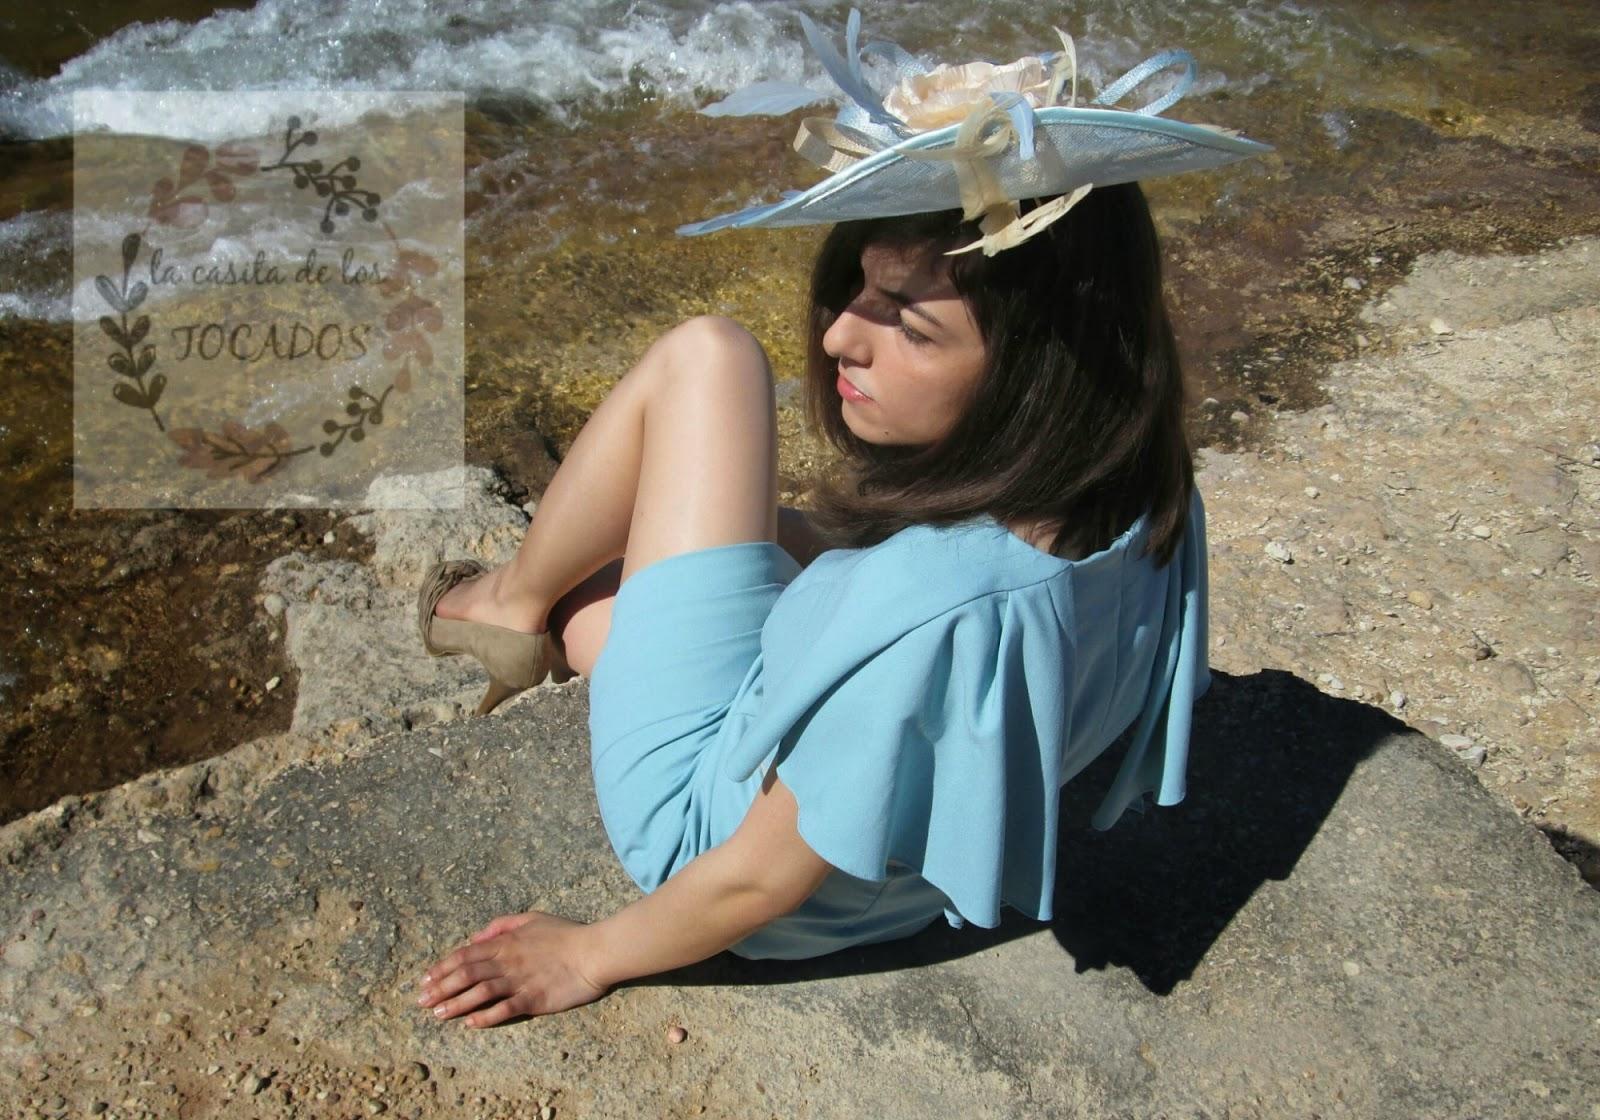 Pamela Atlanta color azul celeste y beige con vestido en las mismas tonalidades.